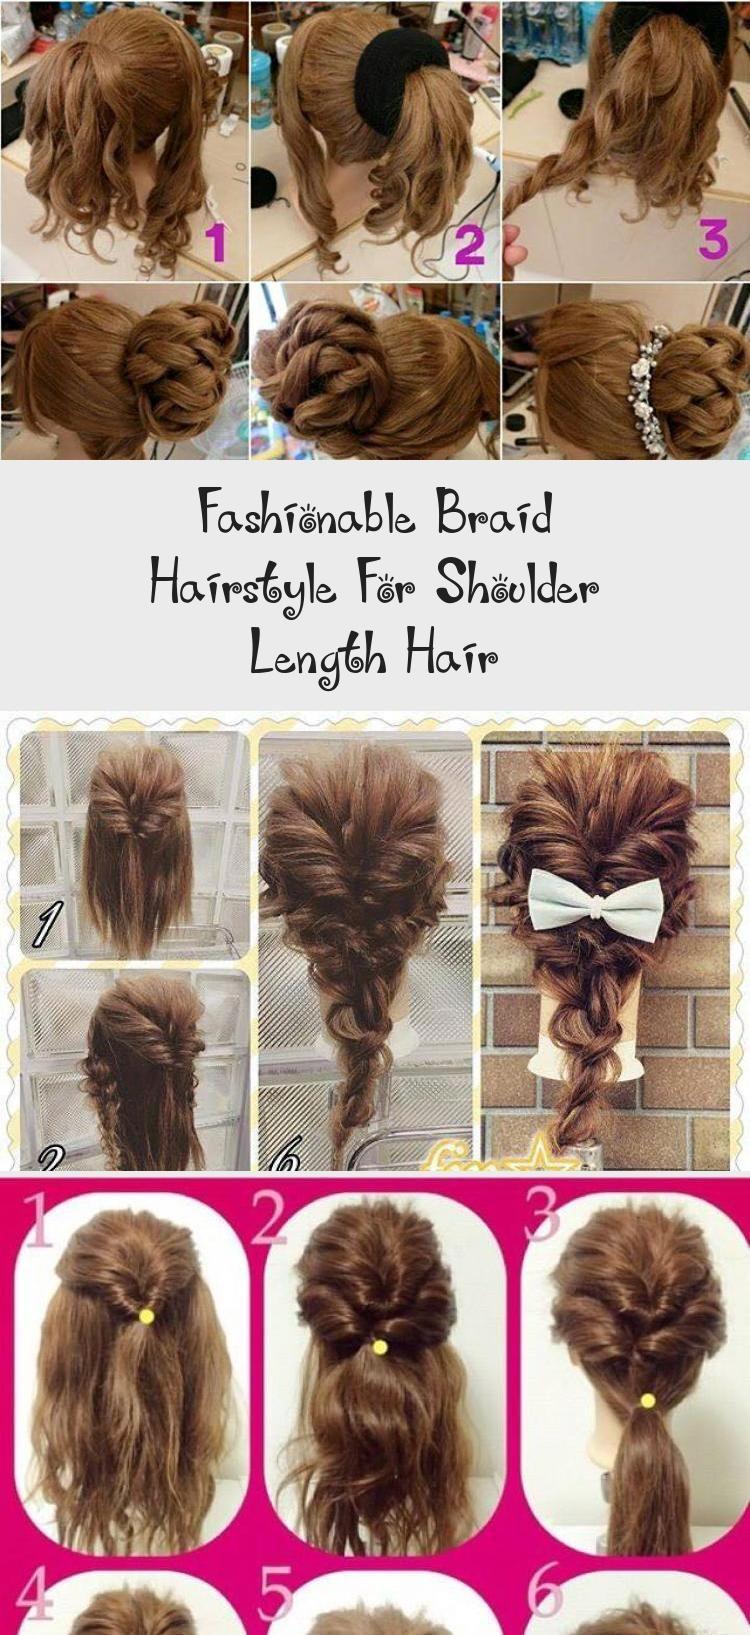 Fashionable Braid Hairstyle For Shoulder Length Hair Hairtutorialstepbystep Hairtutorialwithbangs Hairt In 2020 Shoulder Length Hair Braided Hairstyles Hair Lengths